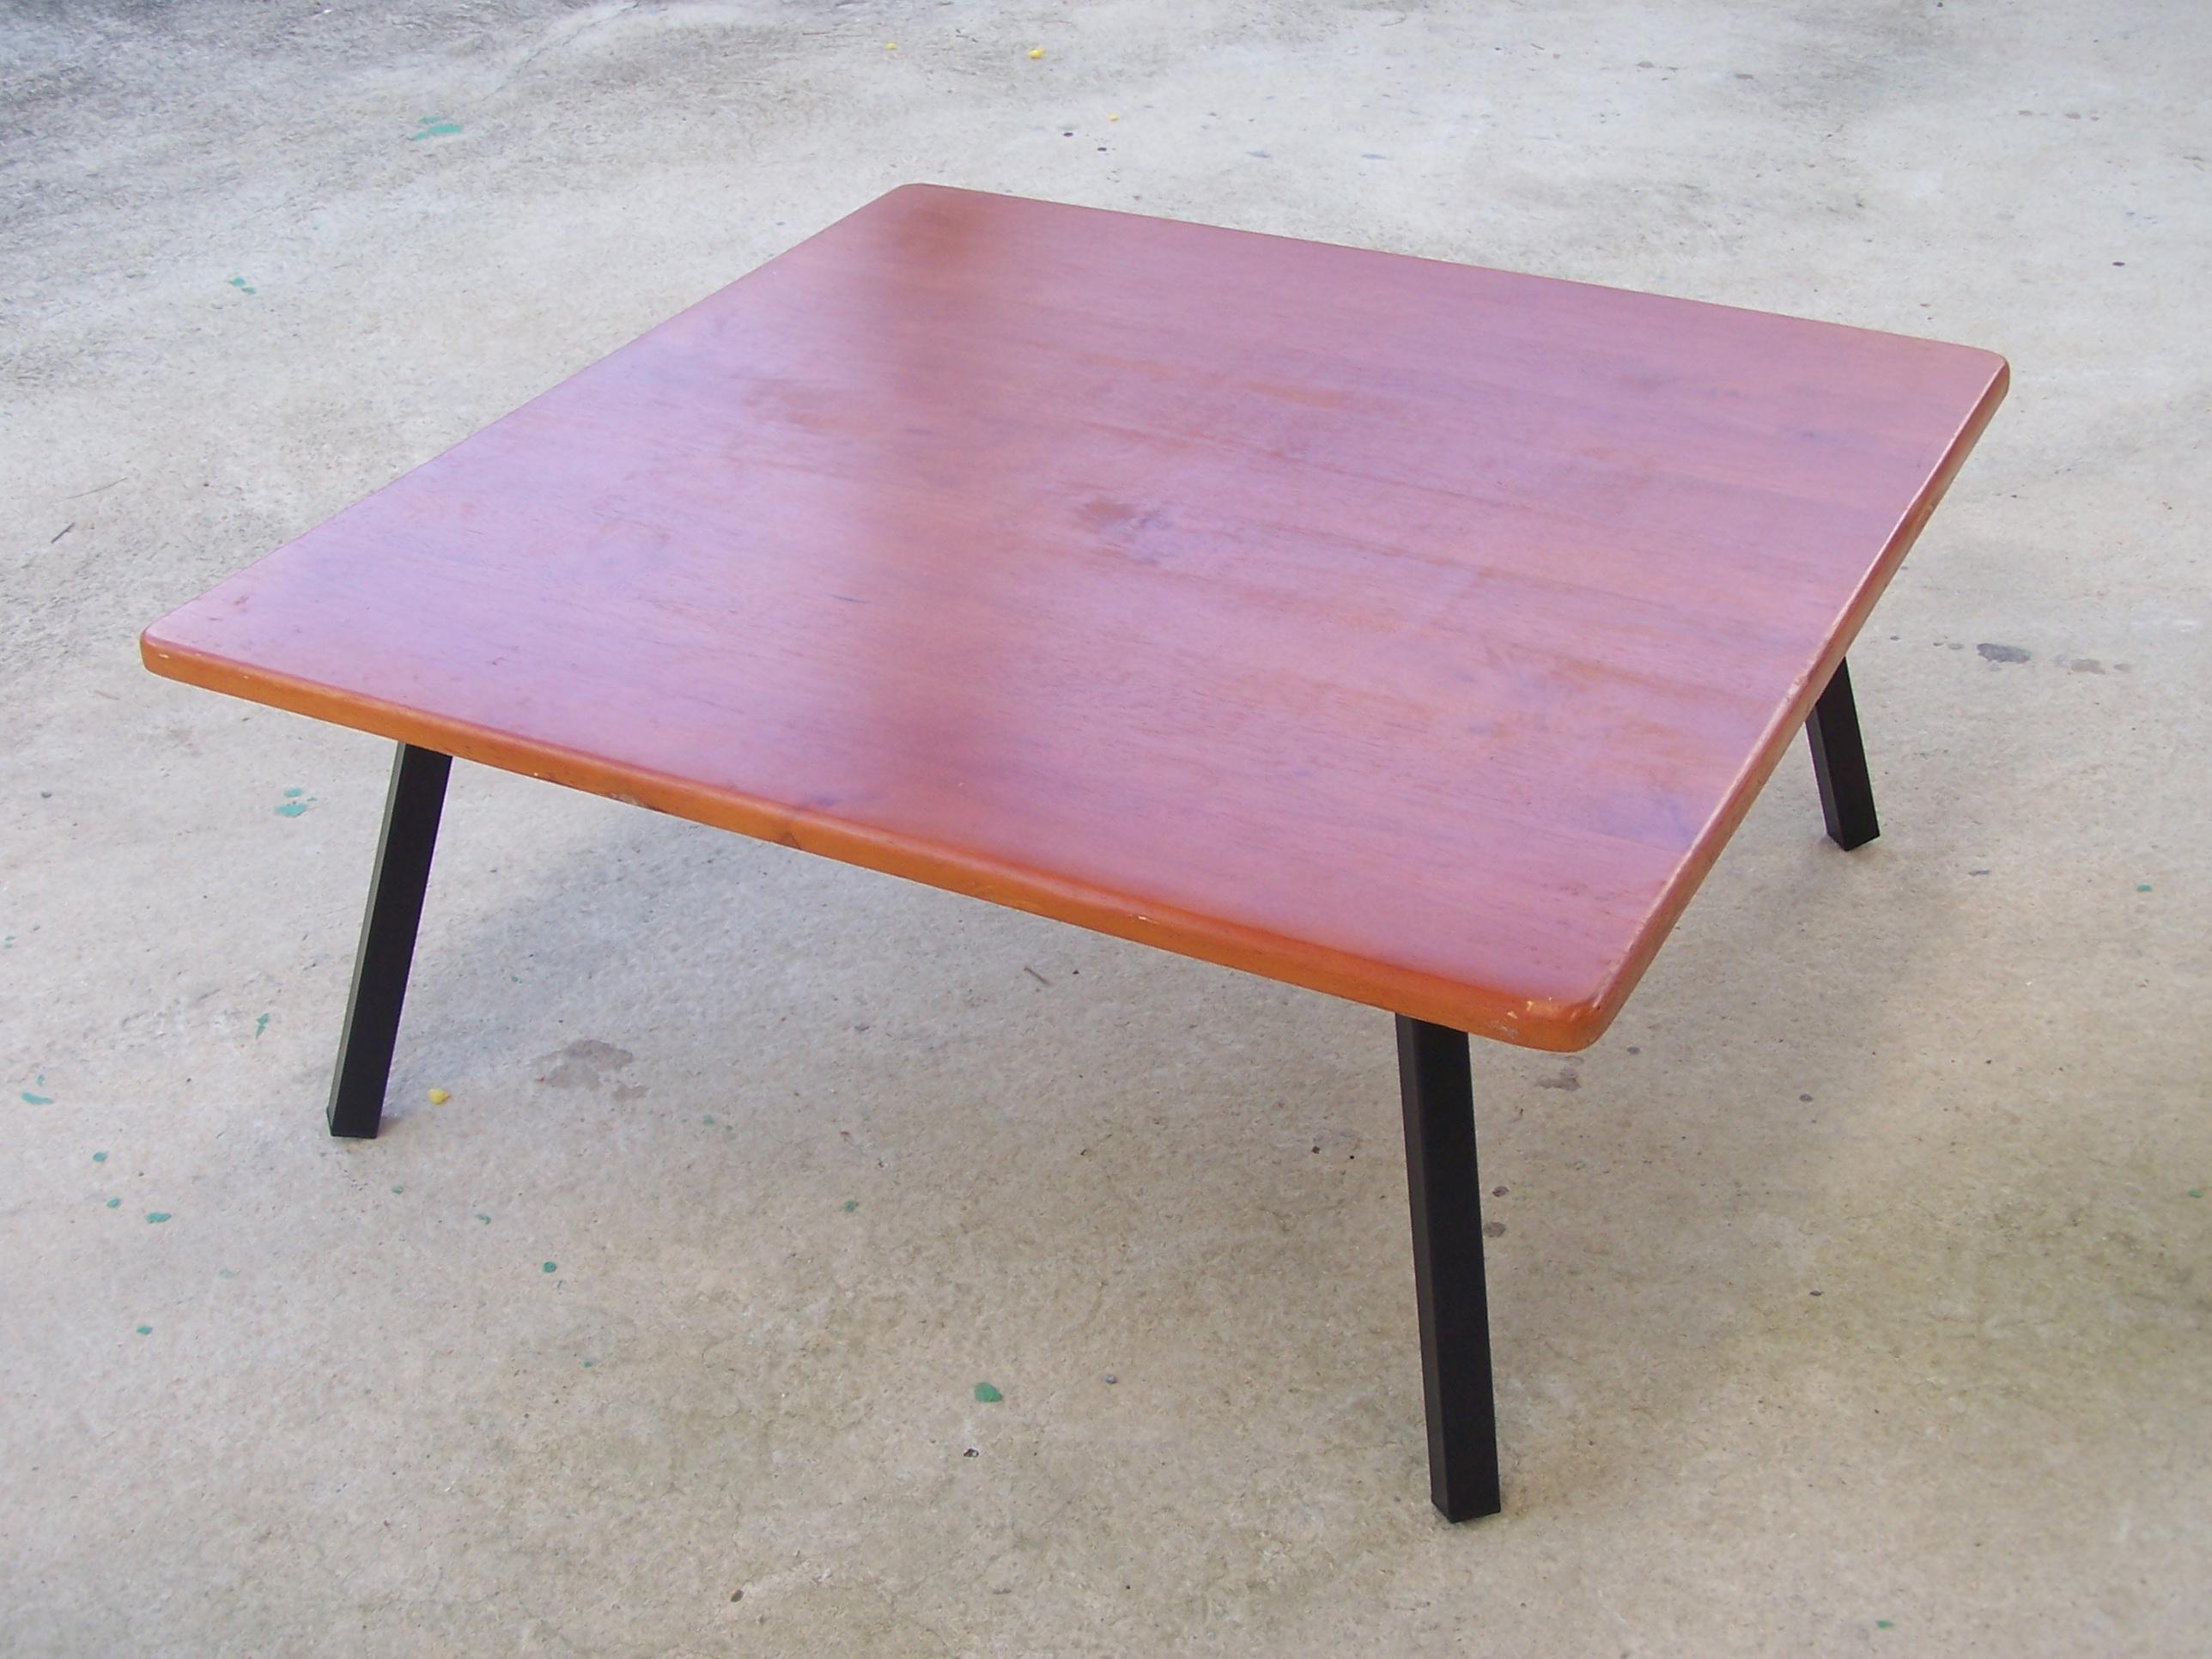 โต๊ะญี่ปุ่น หน้าไม้ยางพารา ทำสี